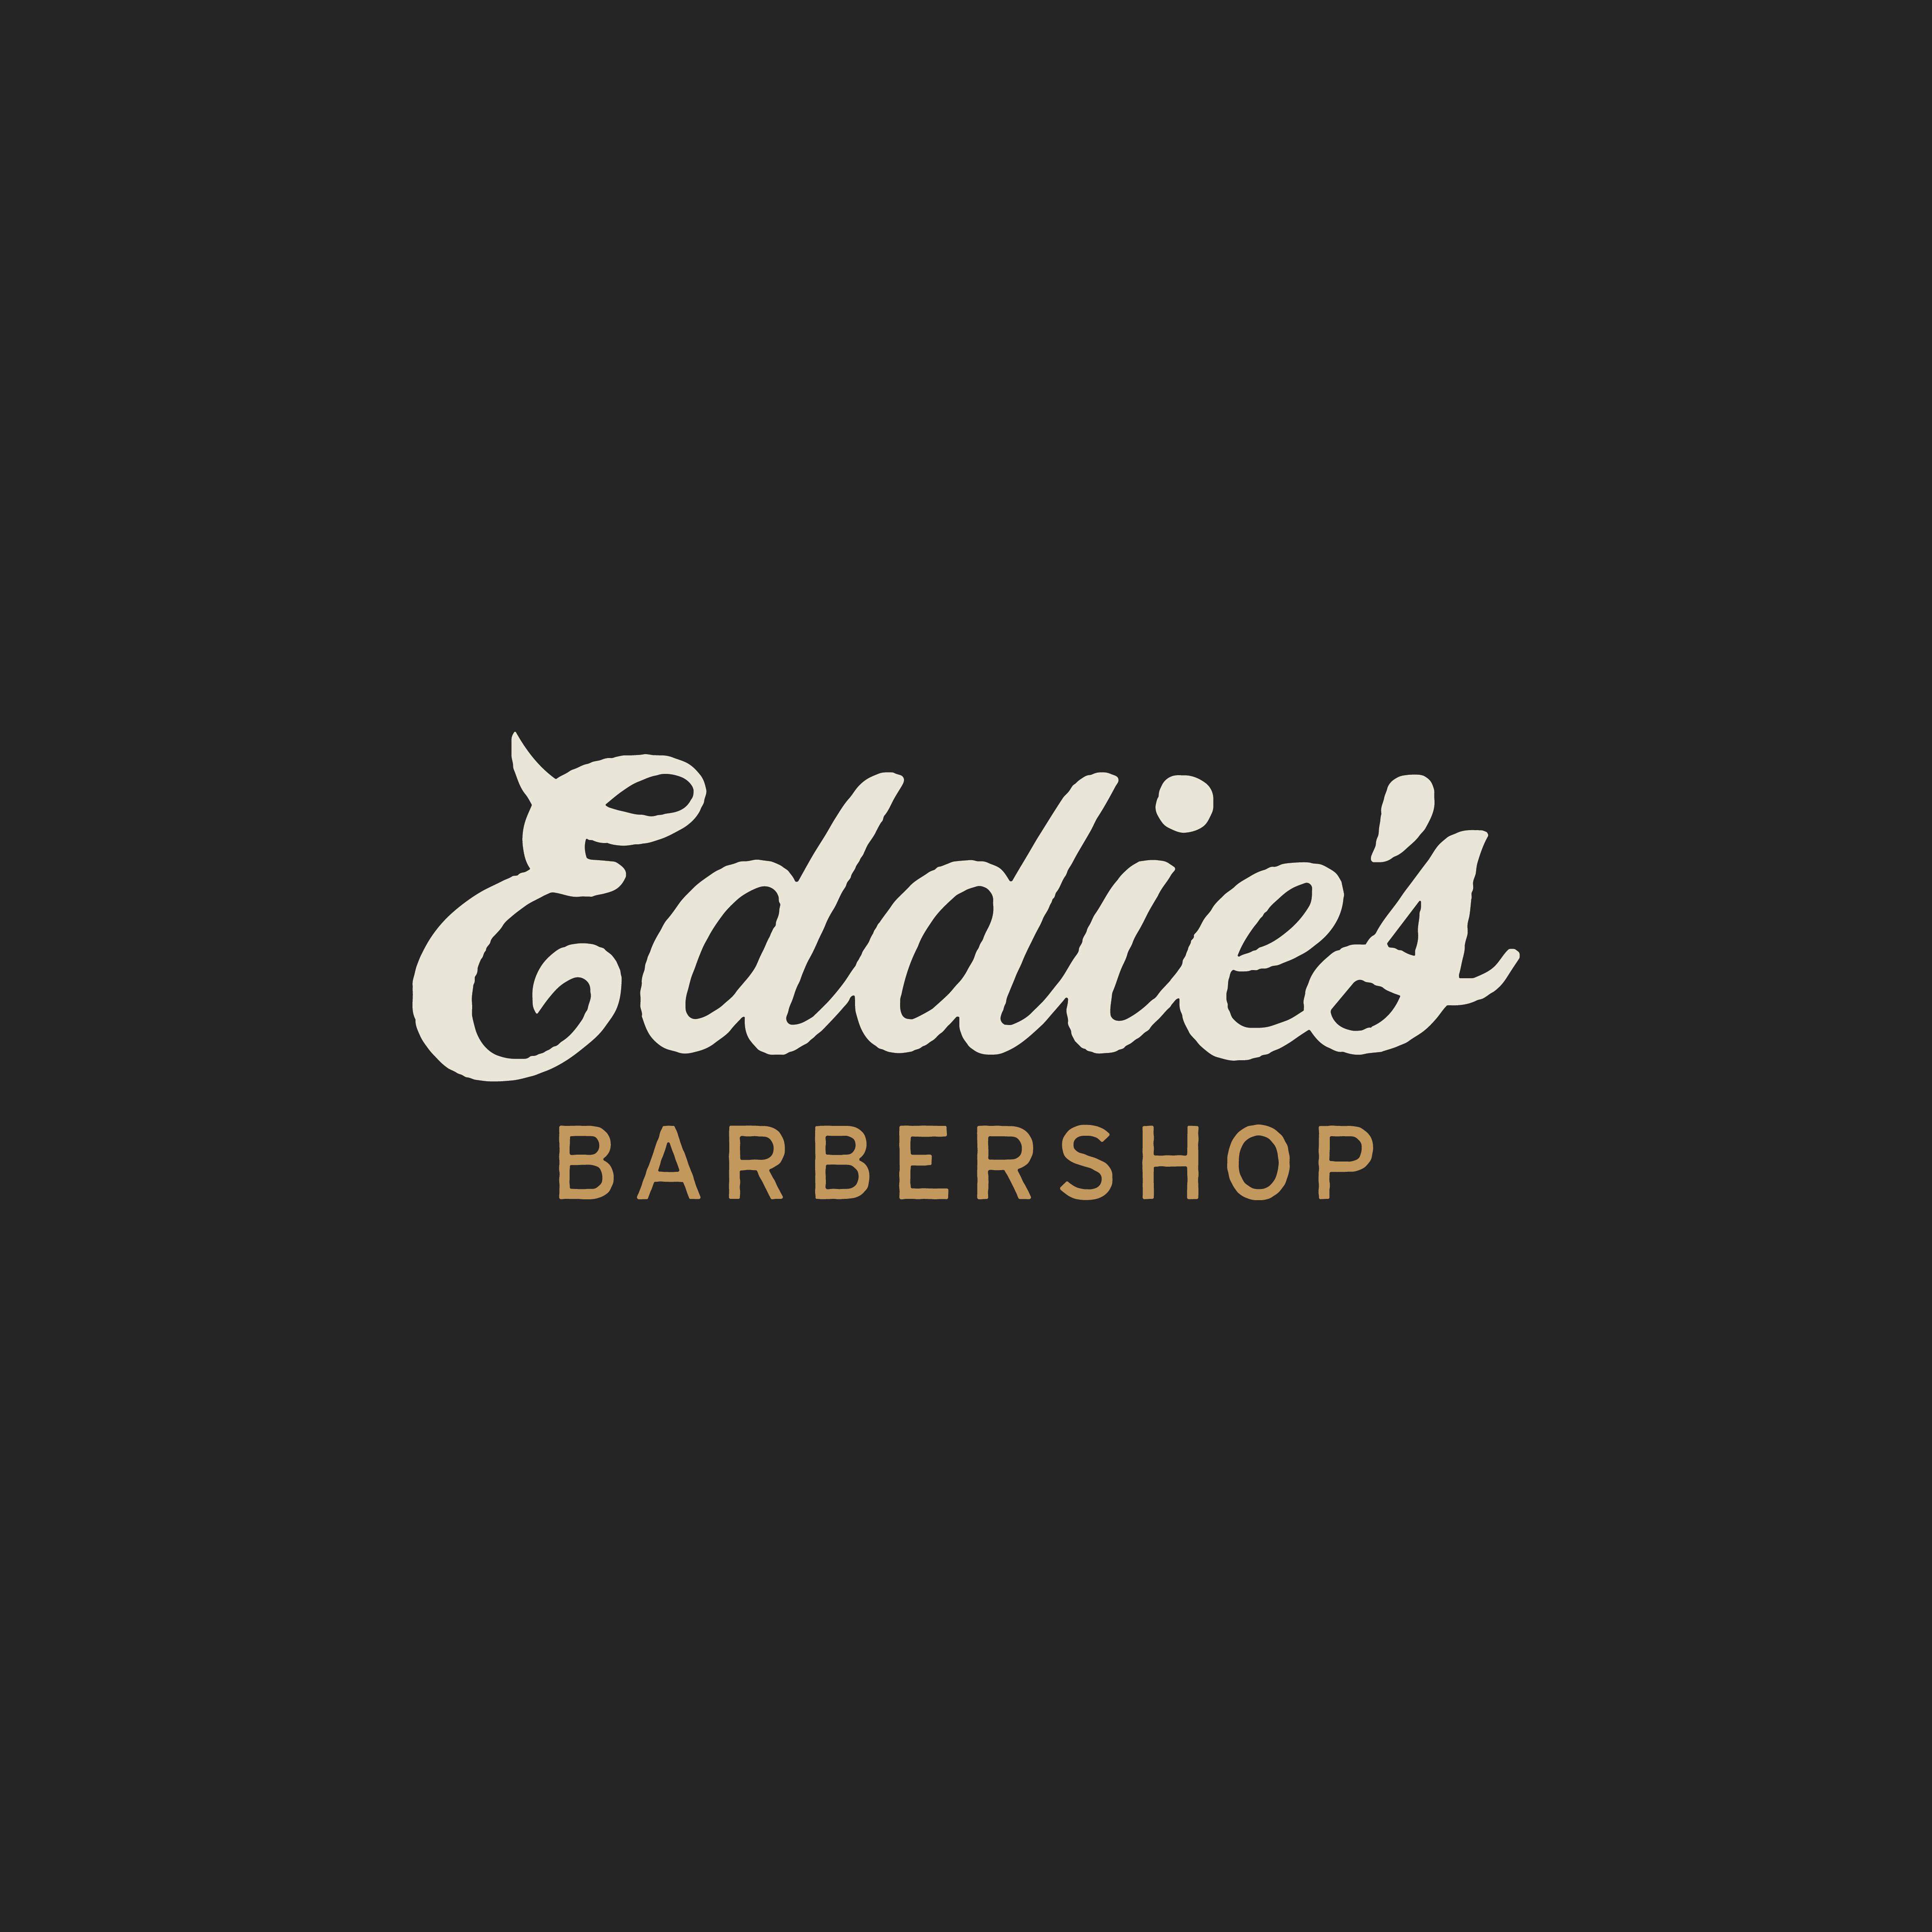 Eddies 04